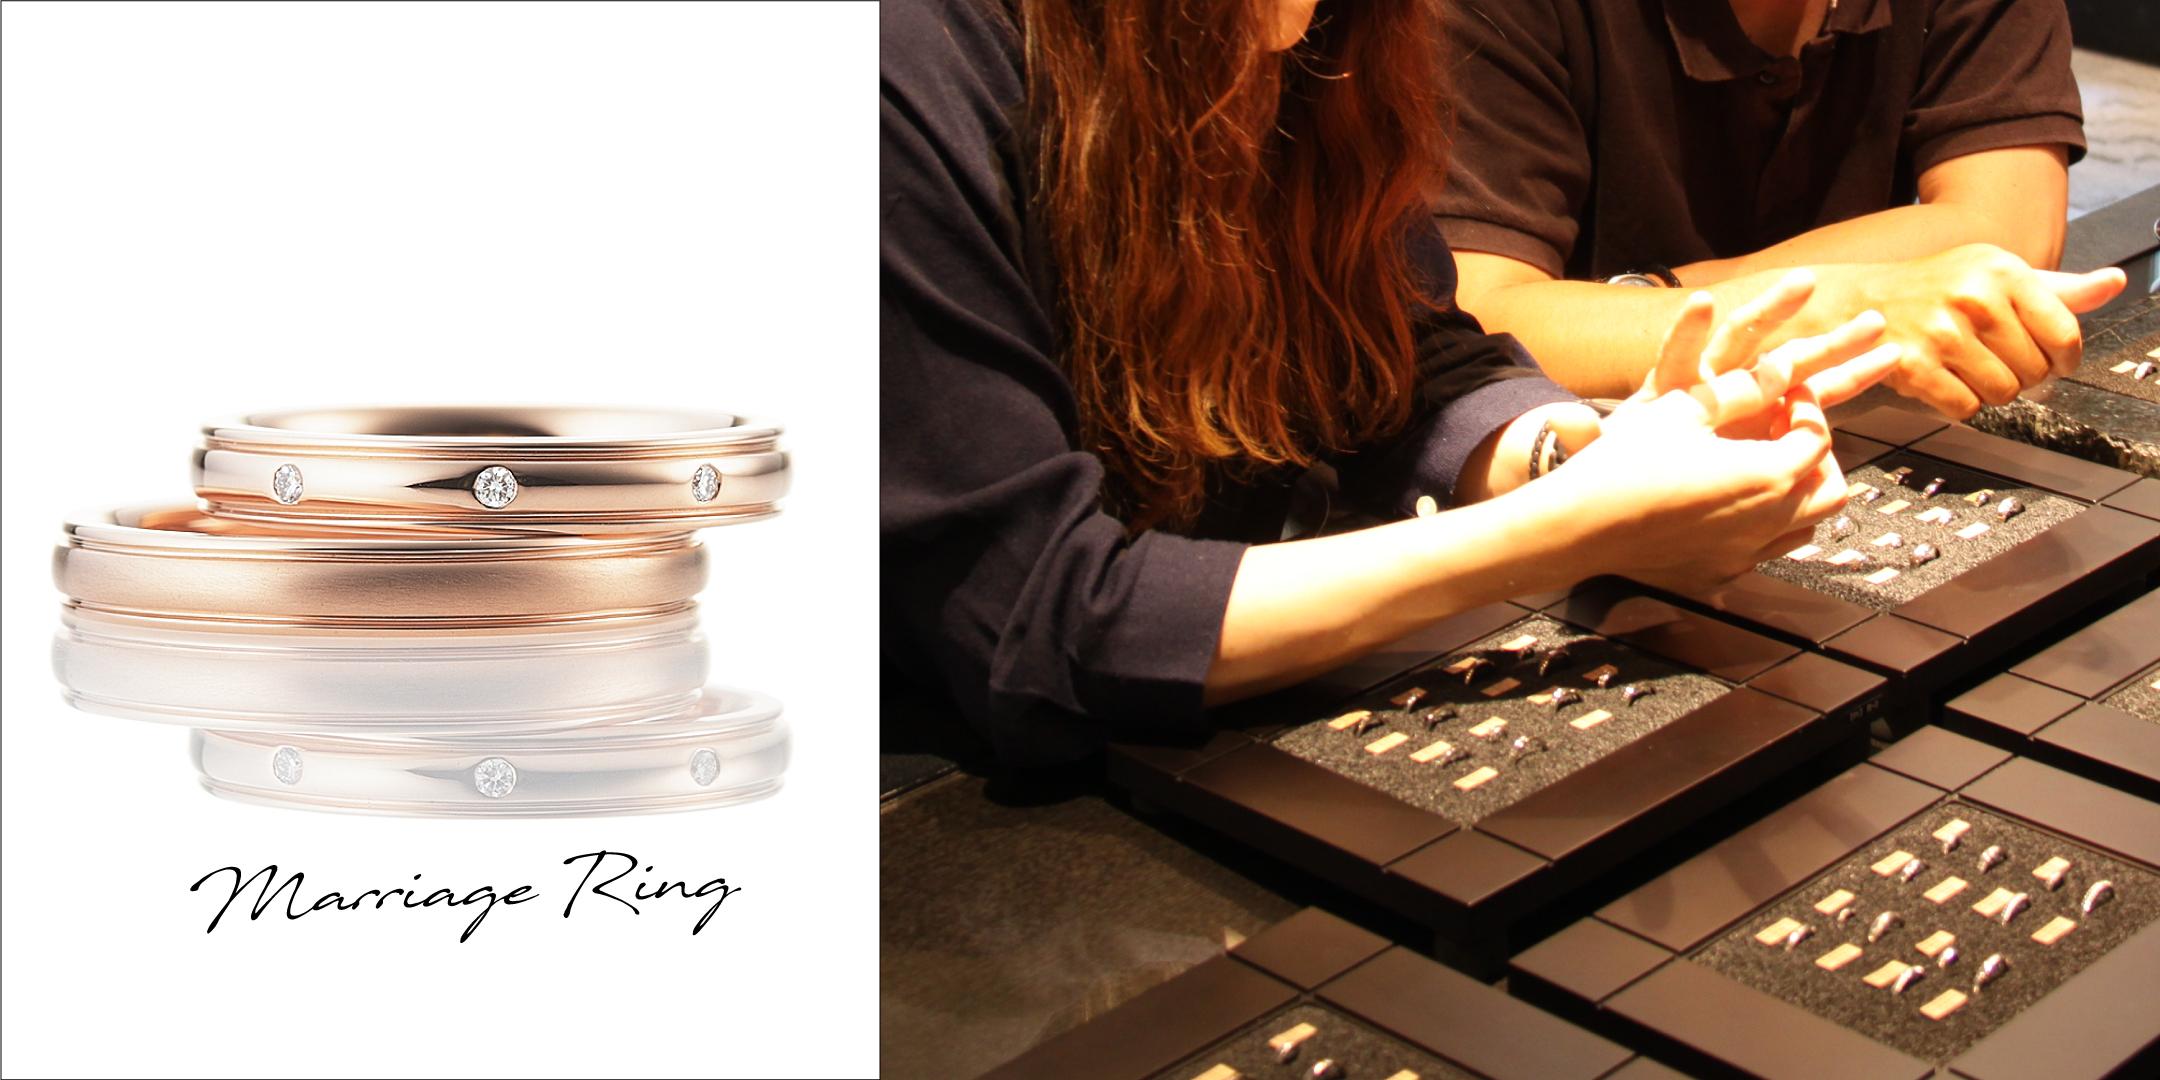 ピンクゴールドのペアの結婚指輪と、カップルが指輪選びをしているシーン。